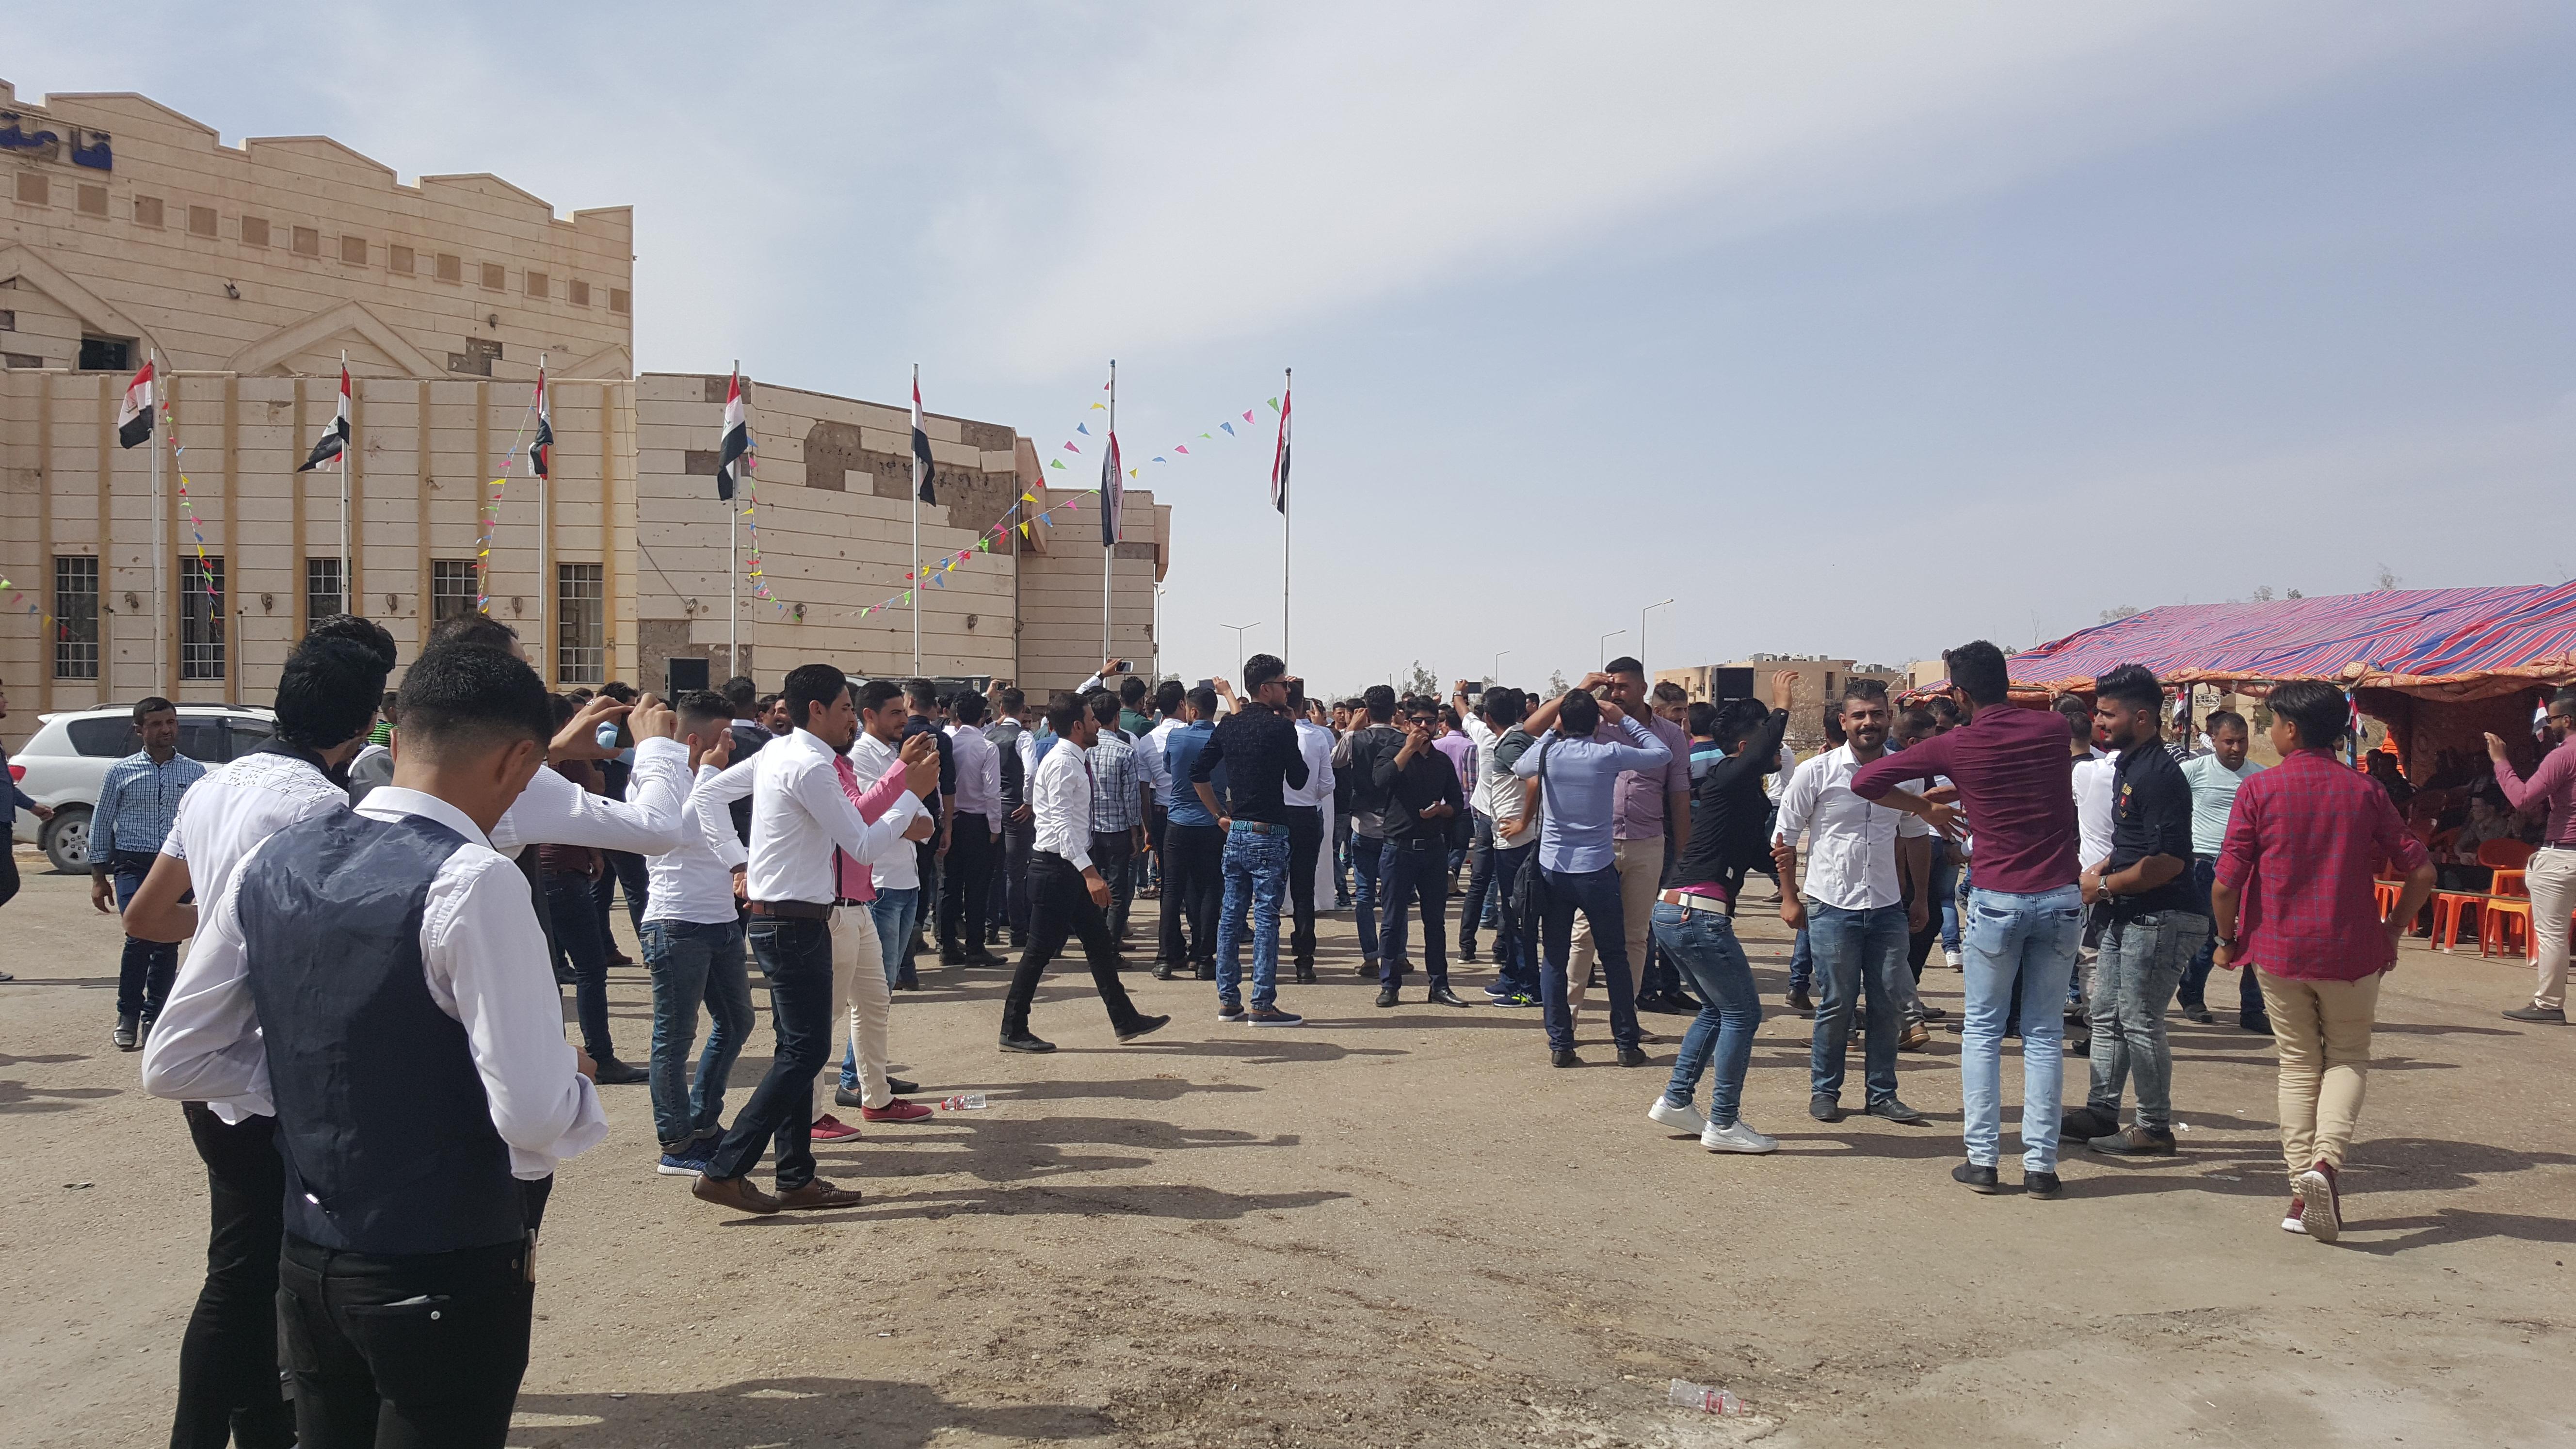 وزير التعليم: هناك خطة لعودة الدراسة بشكل منتظم في جامعة الأنبار